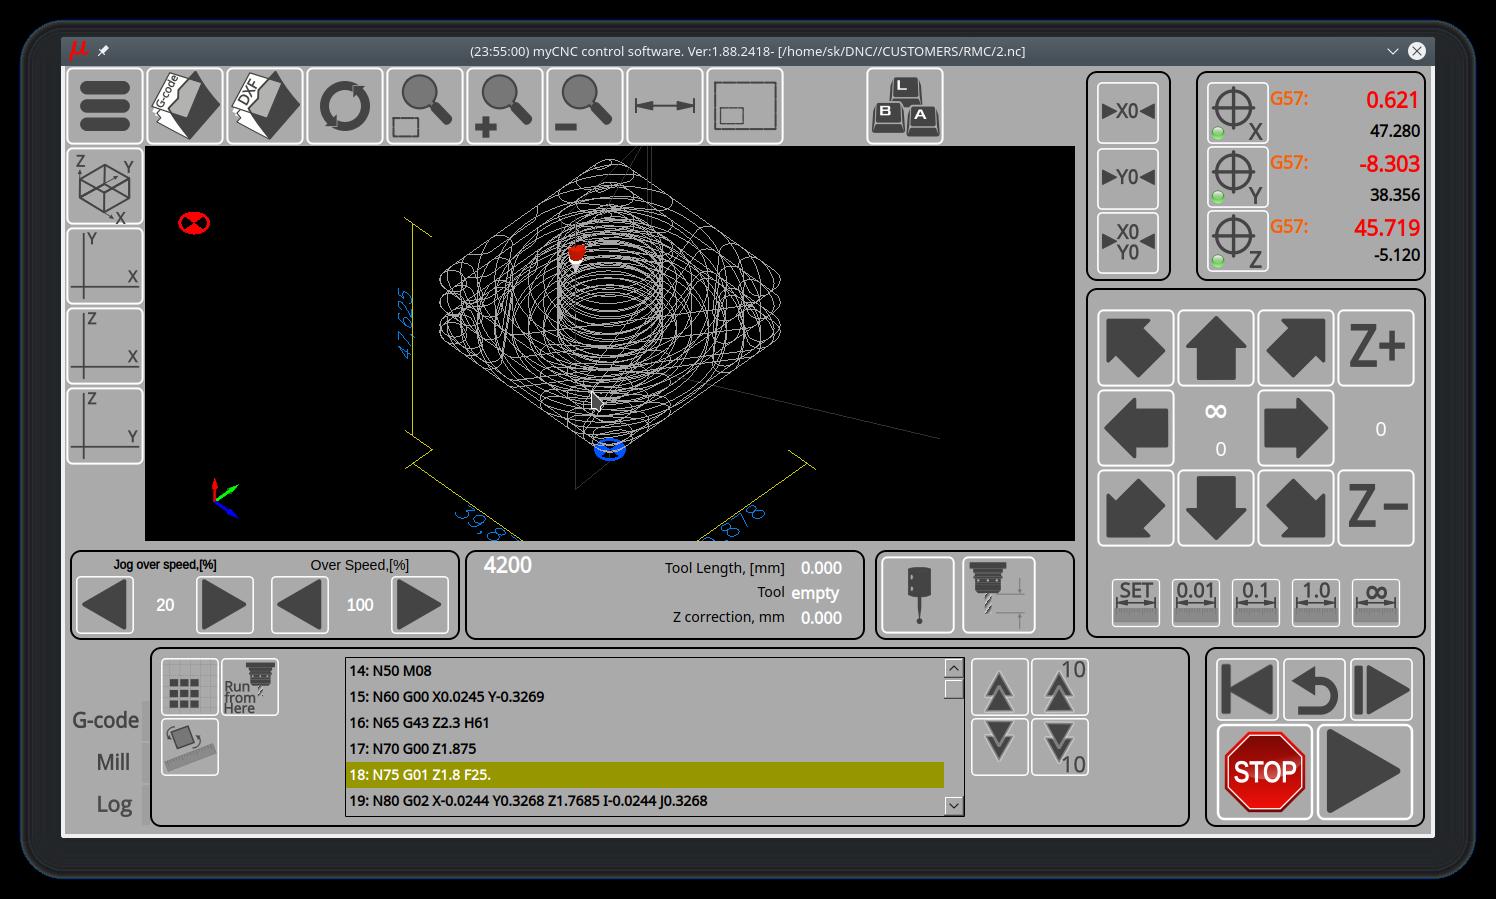 myCNC - advanced CNC control, software - Download